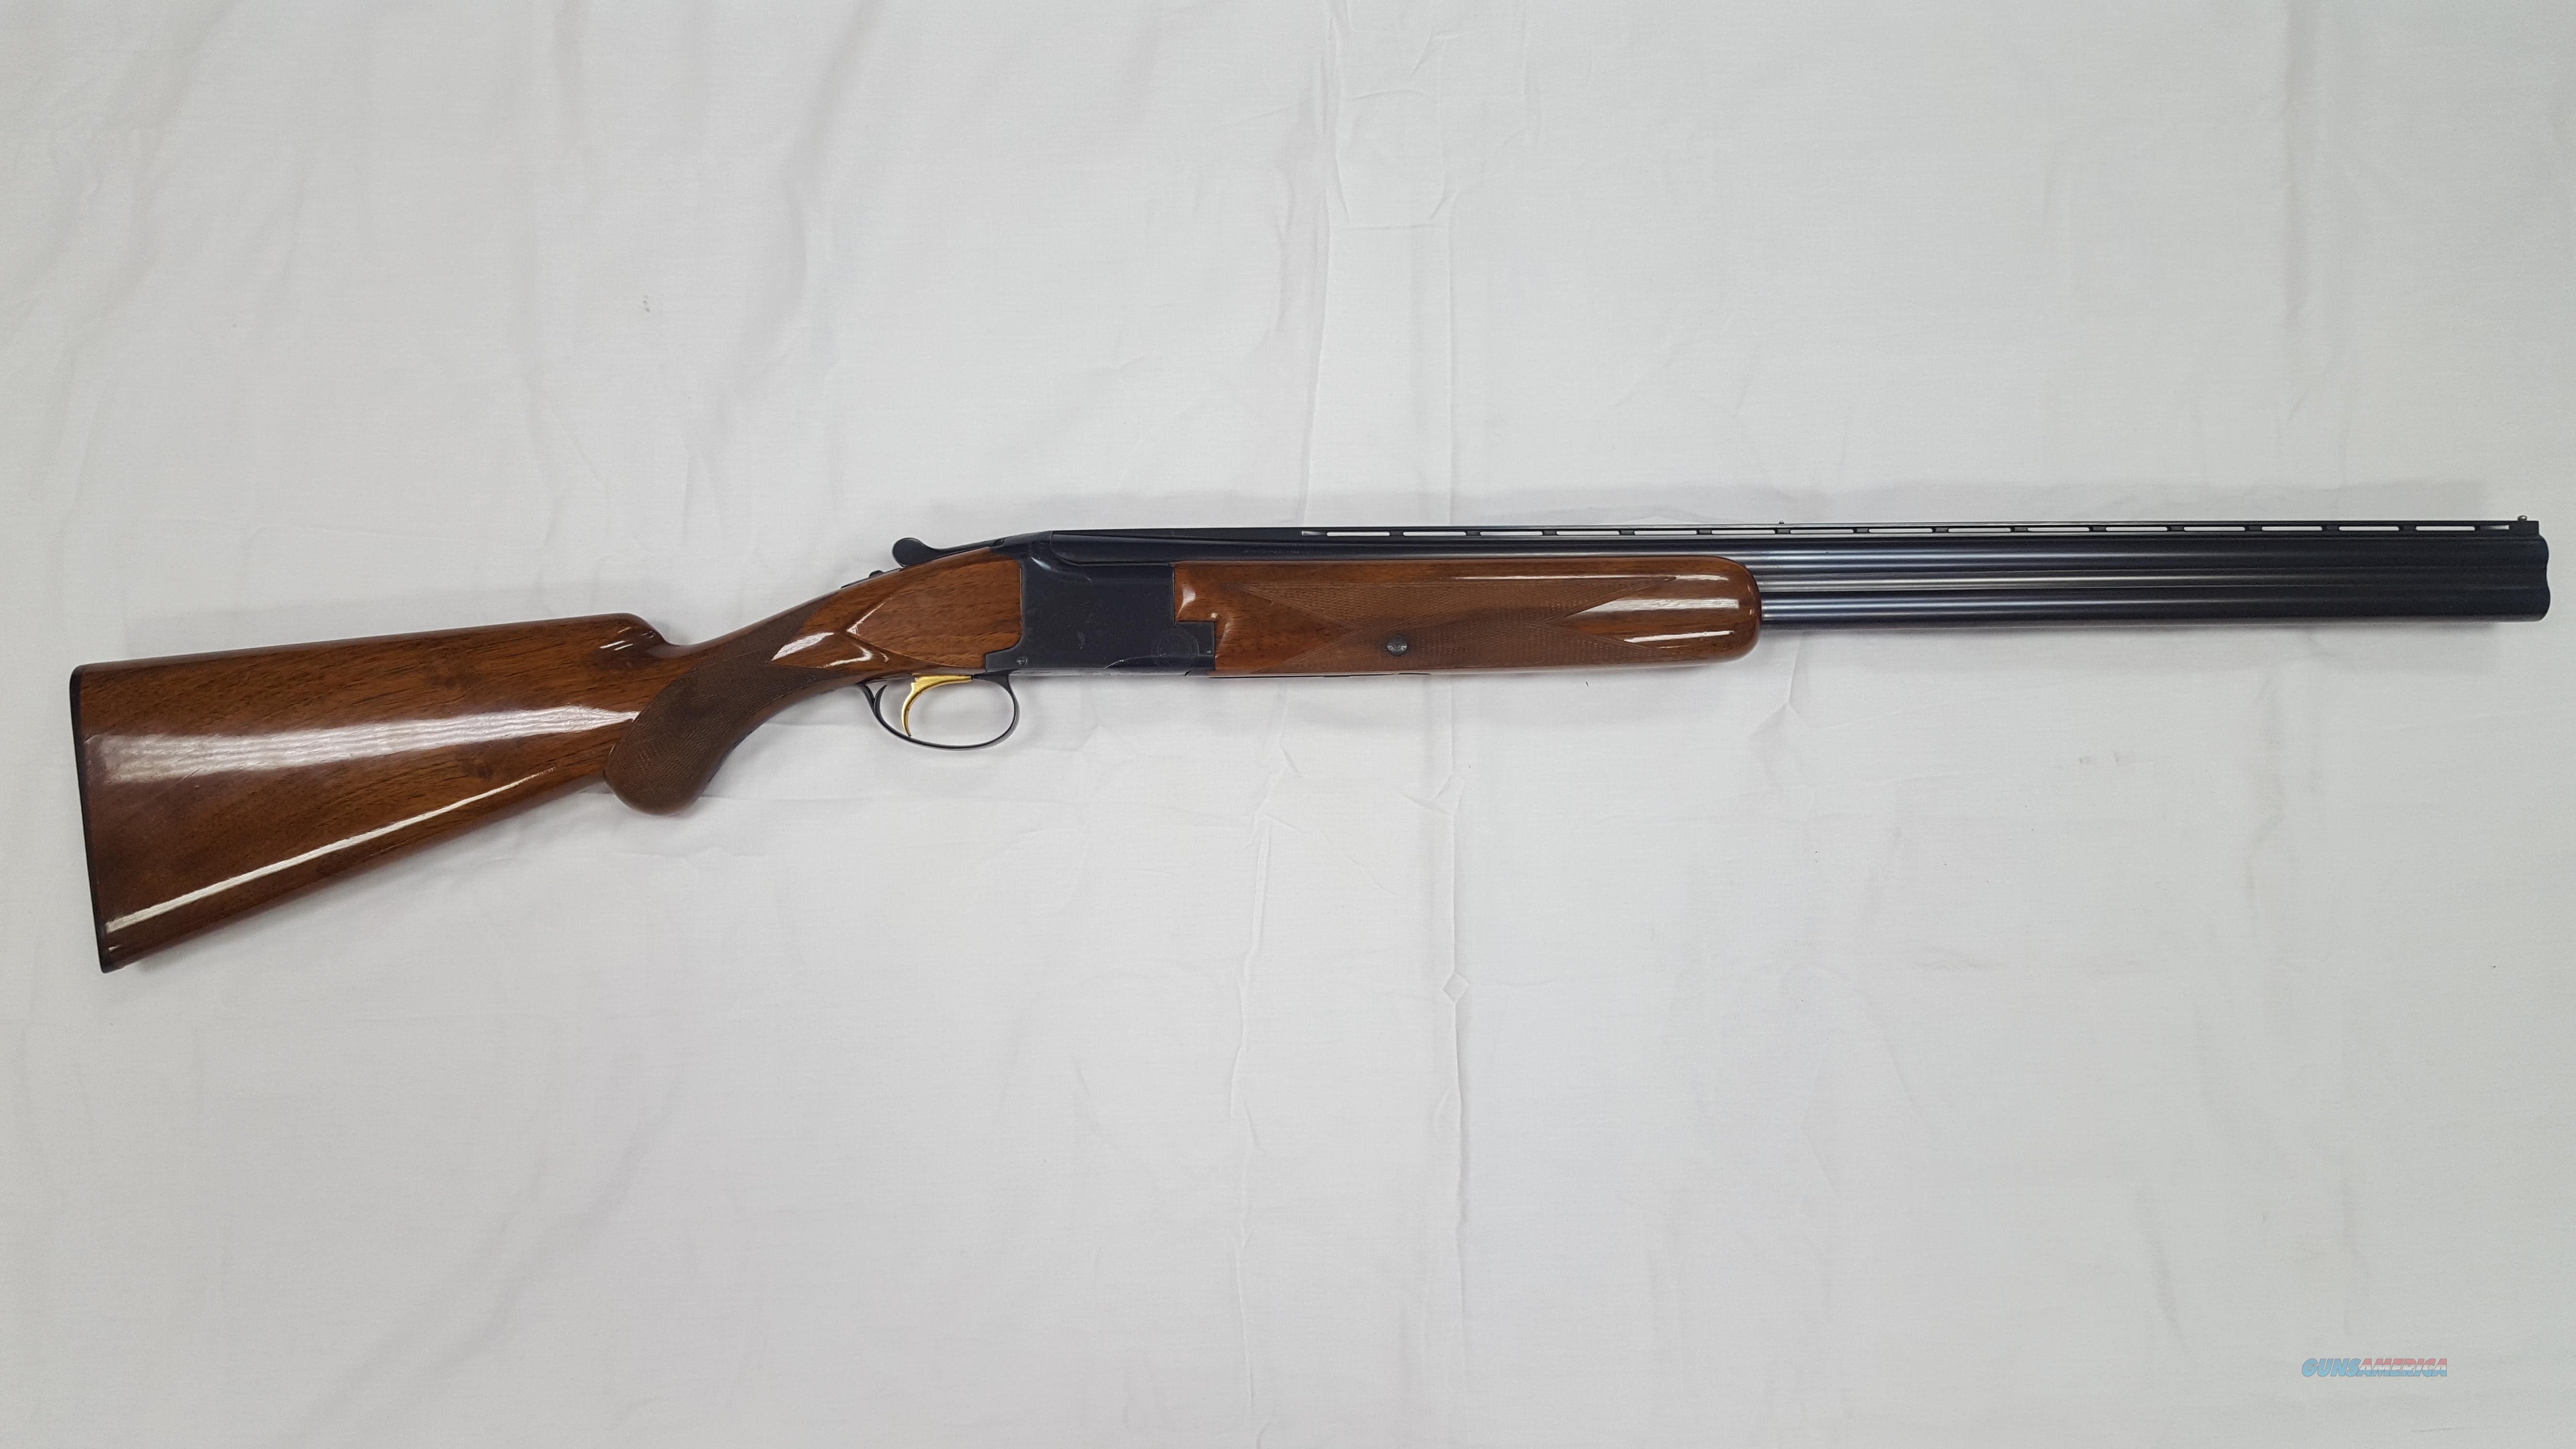 Browning Superposed Lightning Skeet 12ga  Guns > Shotguns > Browning Shotguns > Over Unders > Belgian Manufacture